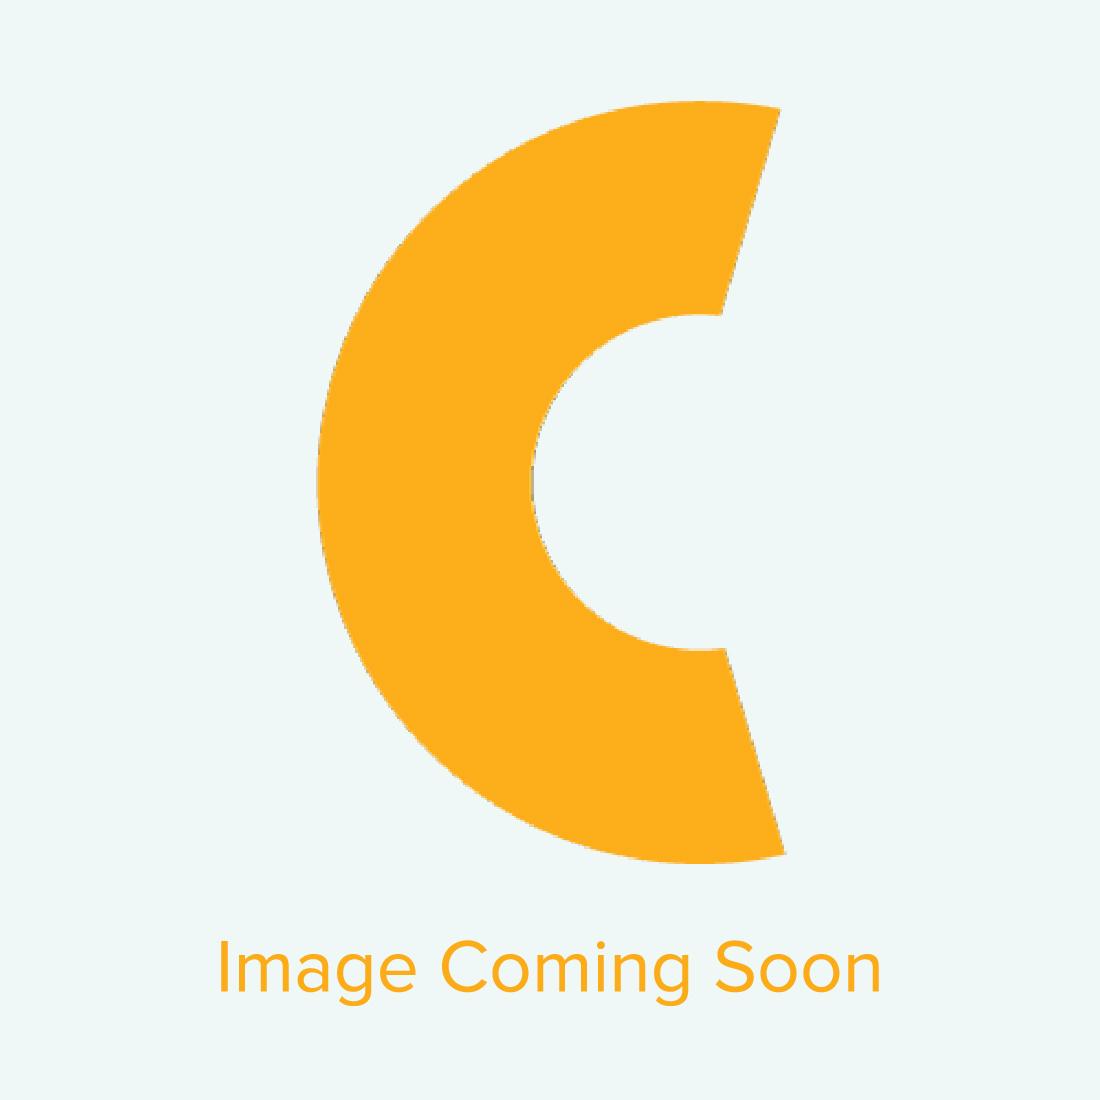 X-Rite i1Publish Pro 2 Spectrophotometer Color Management Bundle